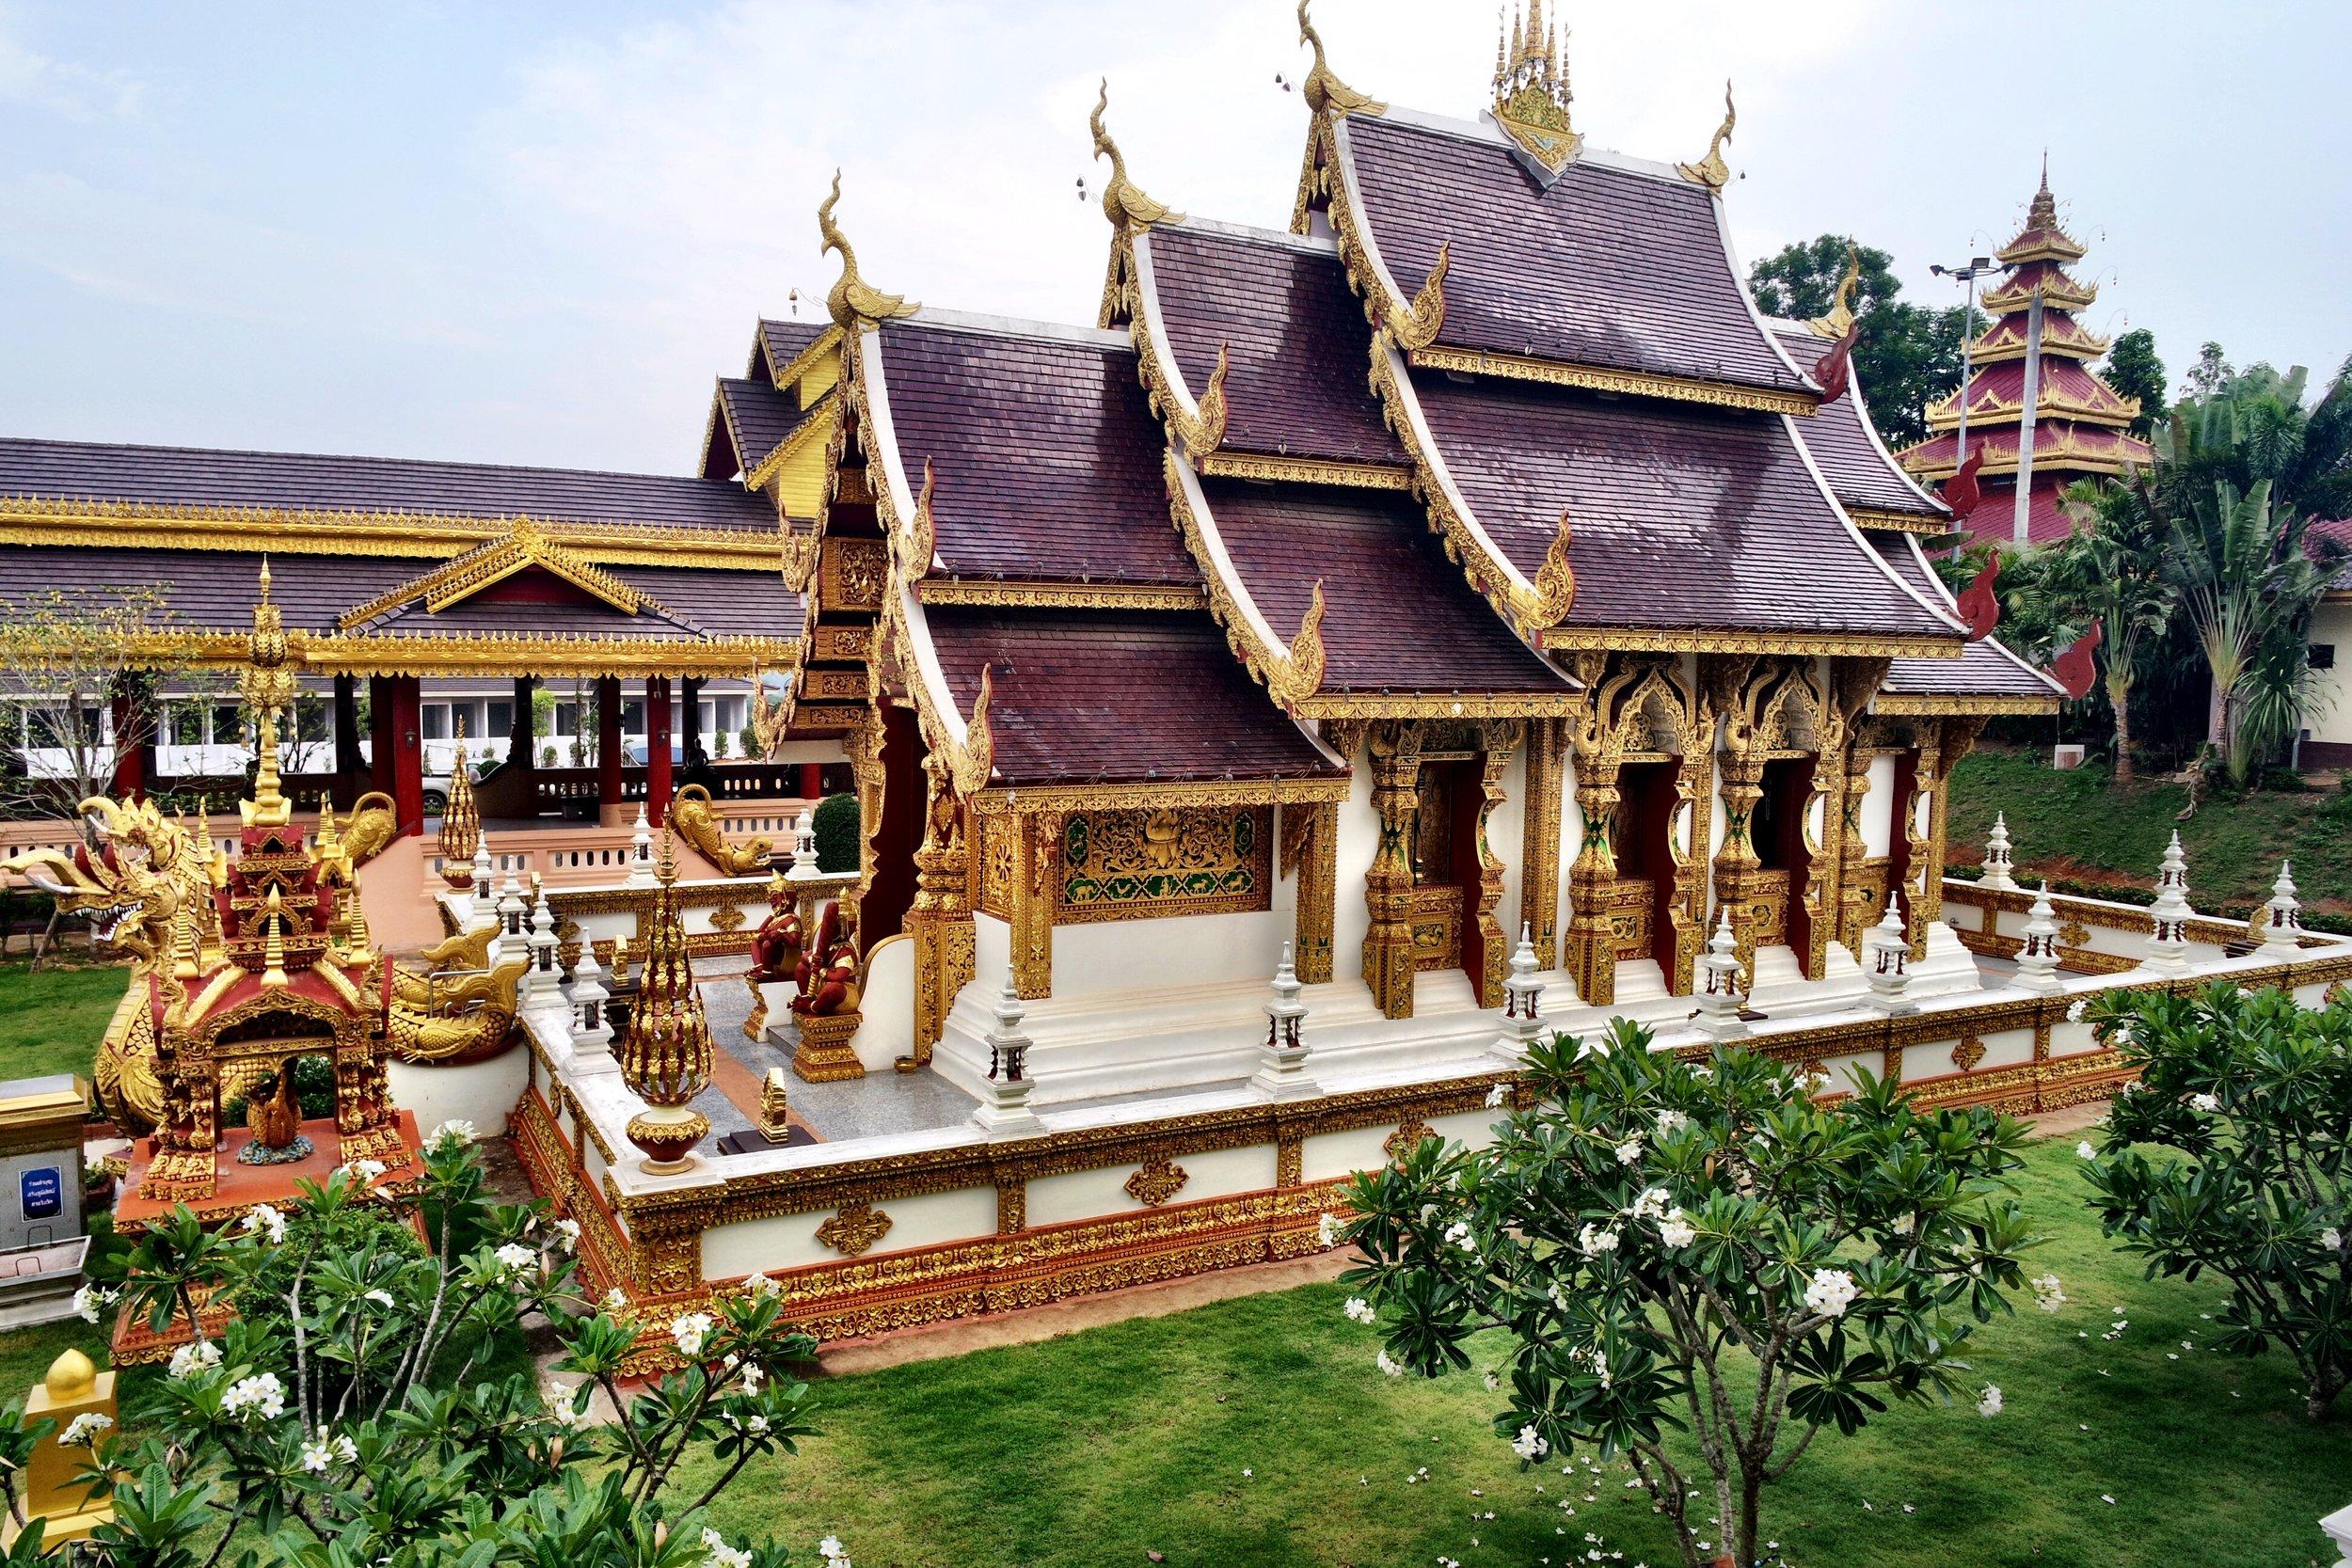 The storybook viharn at Wat Sang Kaew in Chiang Rai, Thailand